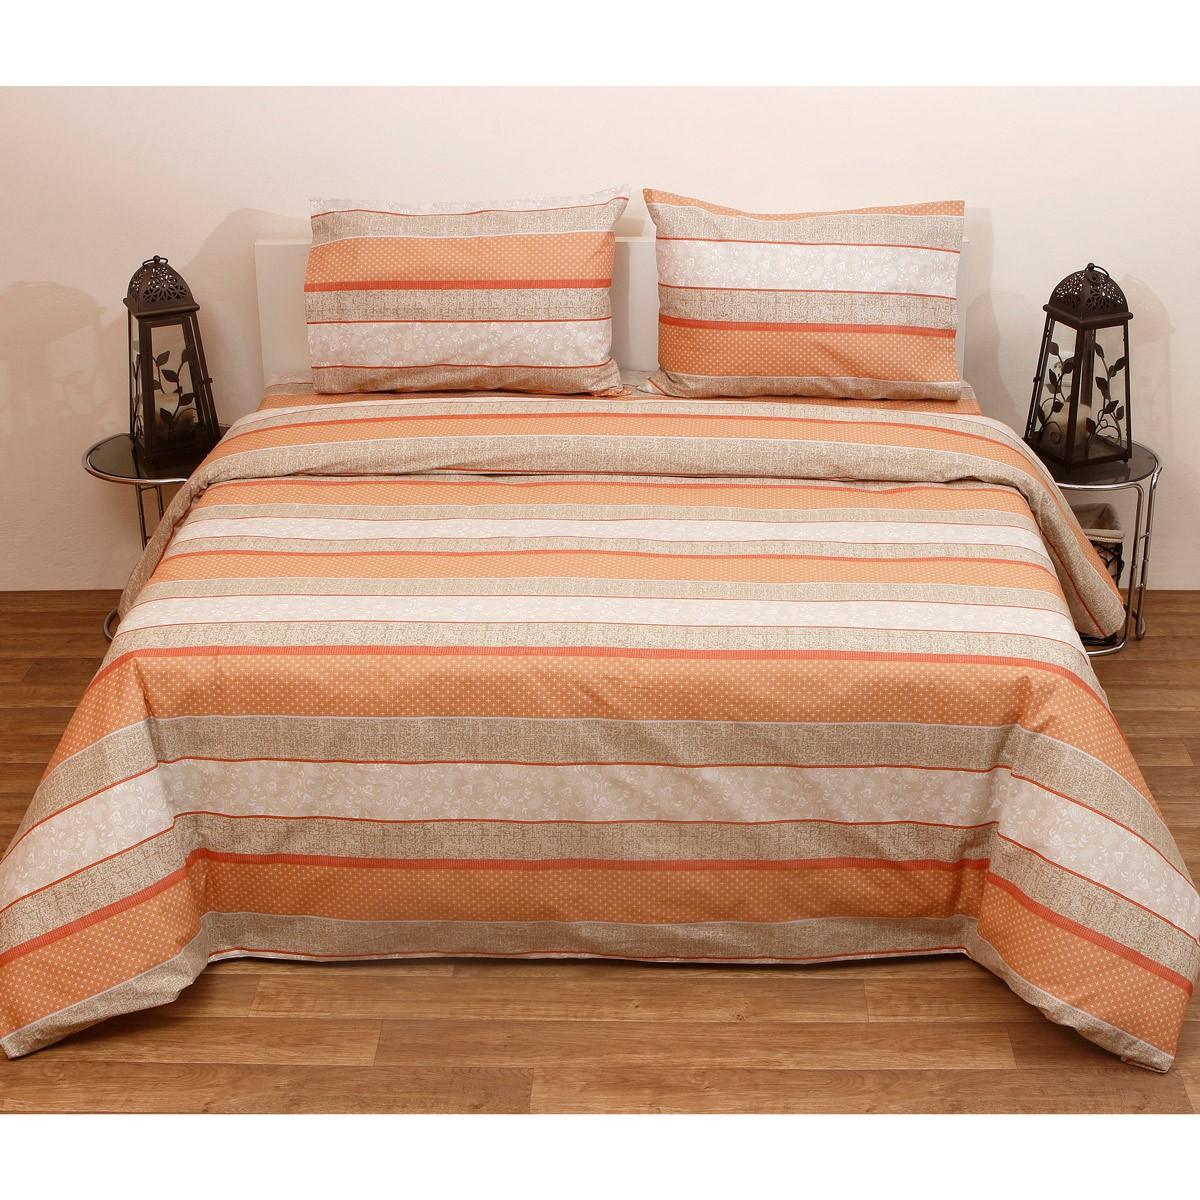 Κουβερλί Ημίδιπλο (Σετ) Viopros Fresh Ιρέν Τερρακότα home   κρεβατοκάμαρα   κουβερλί   κουβερλί ημίδιπλα   διπλά